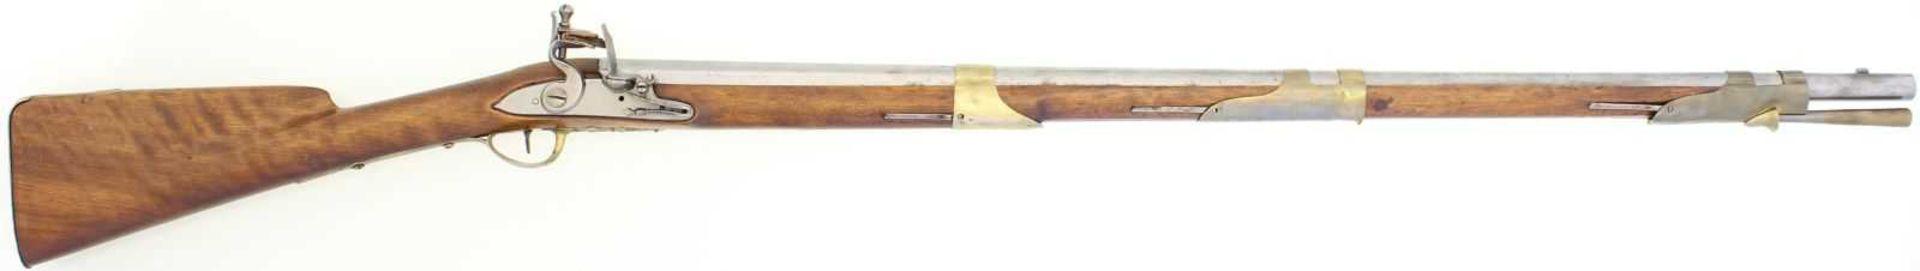 Steinschlossgewehr, Offizierswaffe, Kal. 15mm LL 940mm, TL 1340, Rundlauf, hinterer Drittel